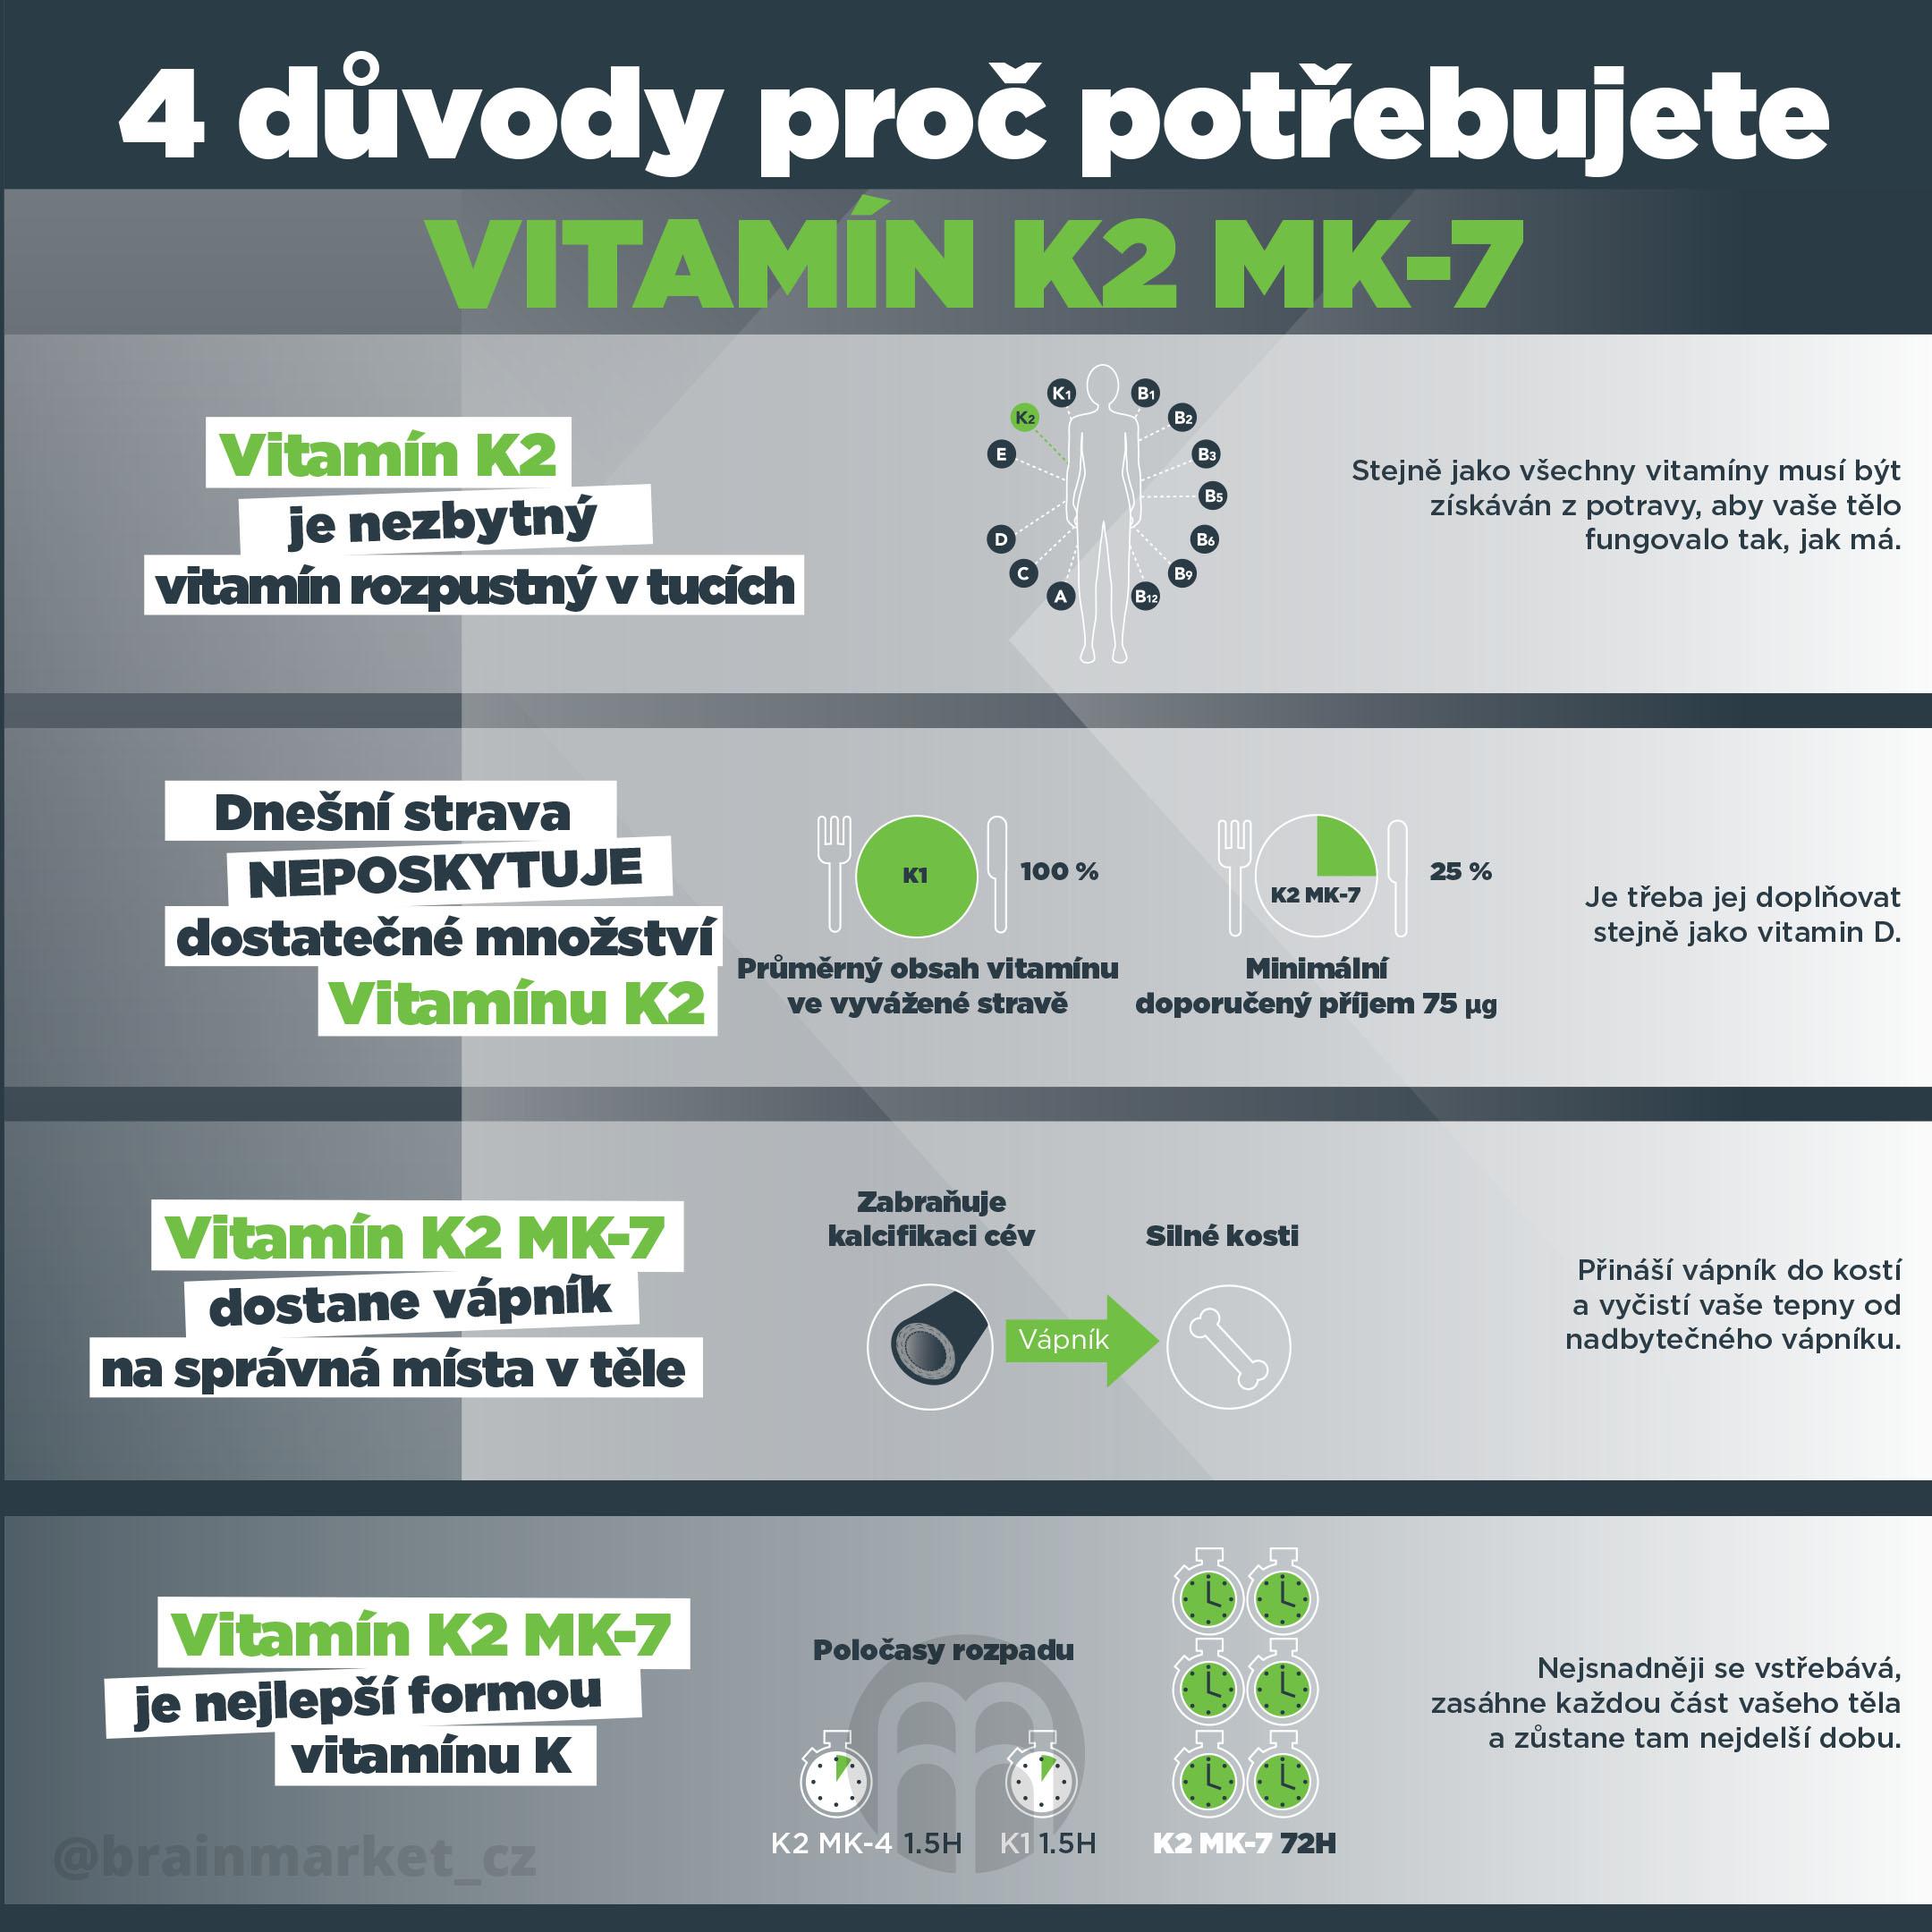 vitamin_K2_MK7_infografika_brainmarket_CZ